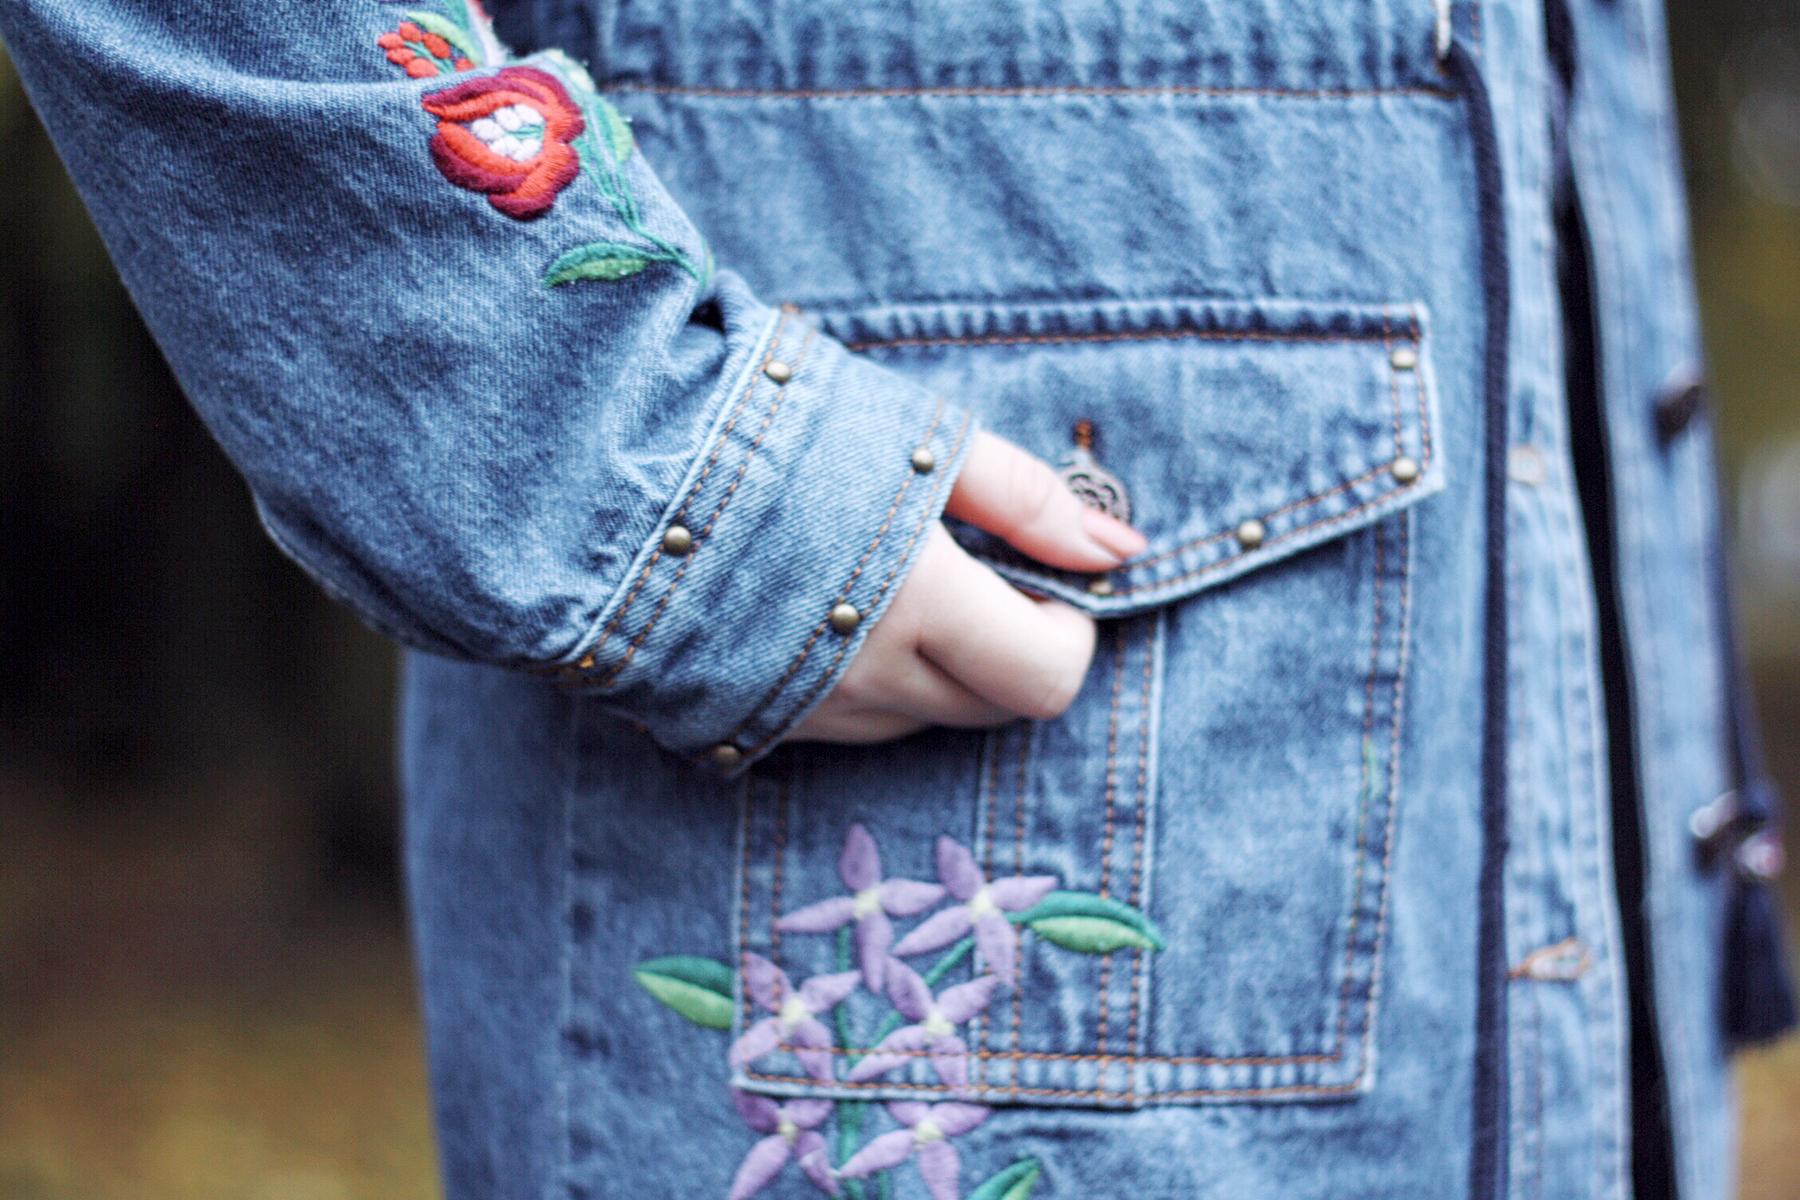 itsgoldie_fashionblogger_hannover_fashionblog_desigual_braunschweig_peine_modeblog_jeansjacke_patches_strick_bunt